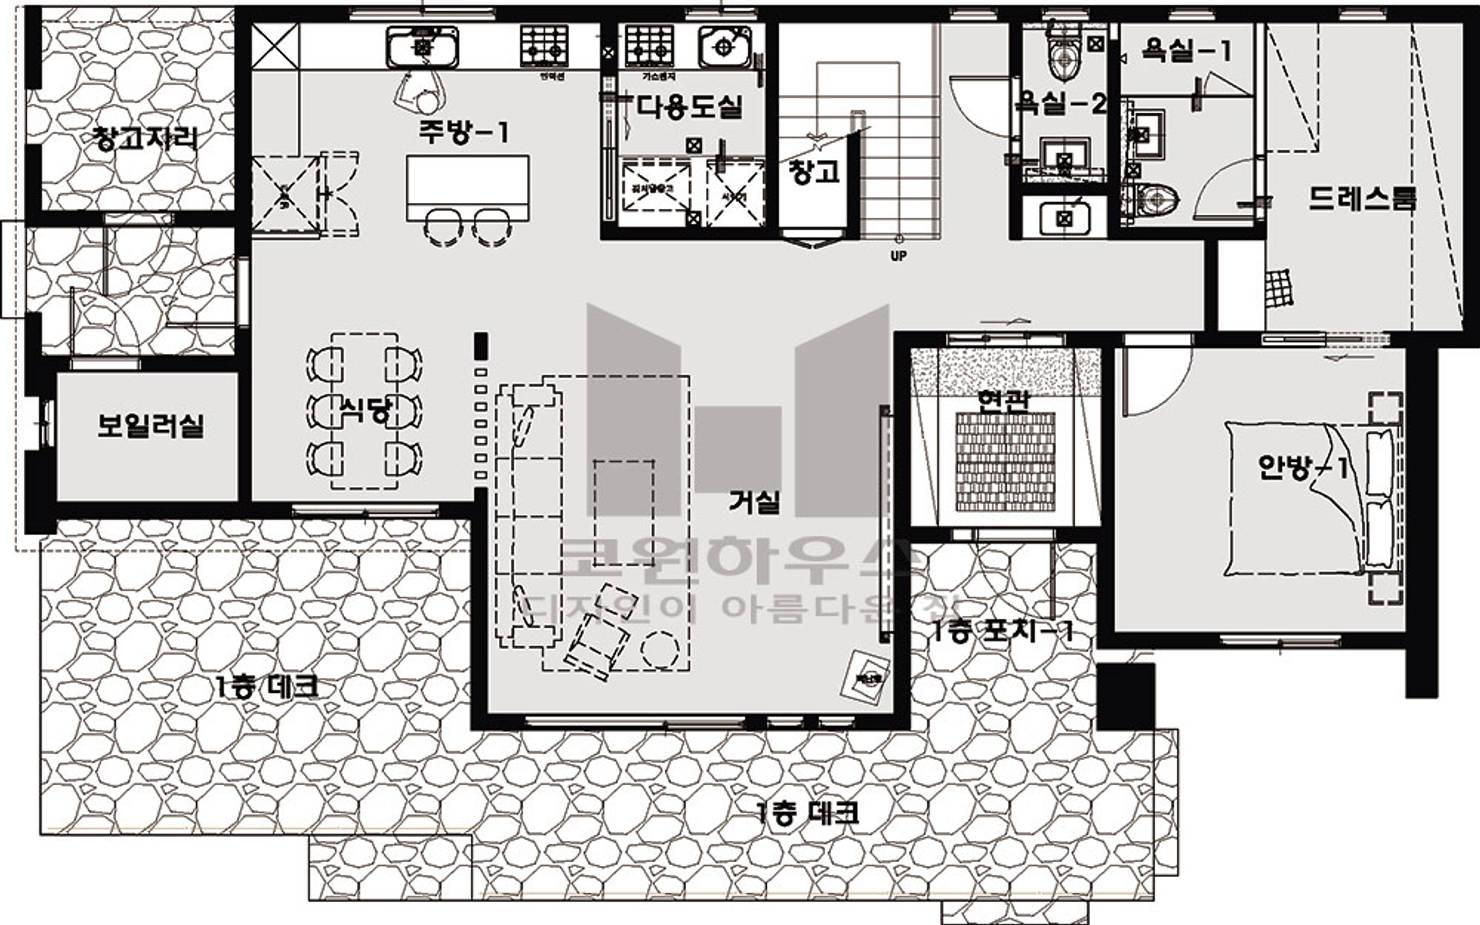 주택, 어떻게 설계하면 좋을까. 국내 주택 평면도 모아보기 7